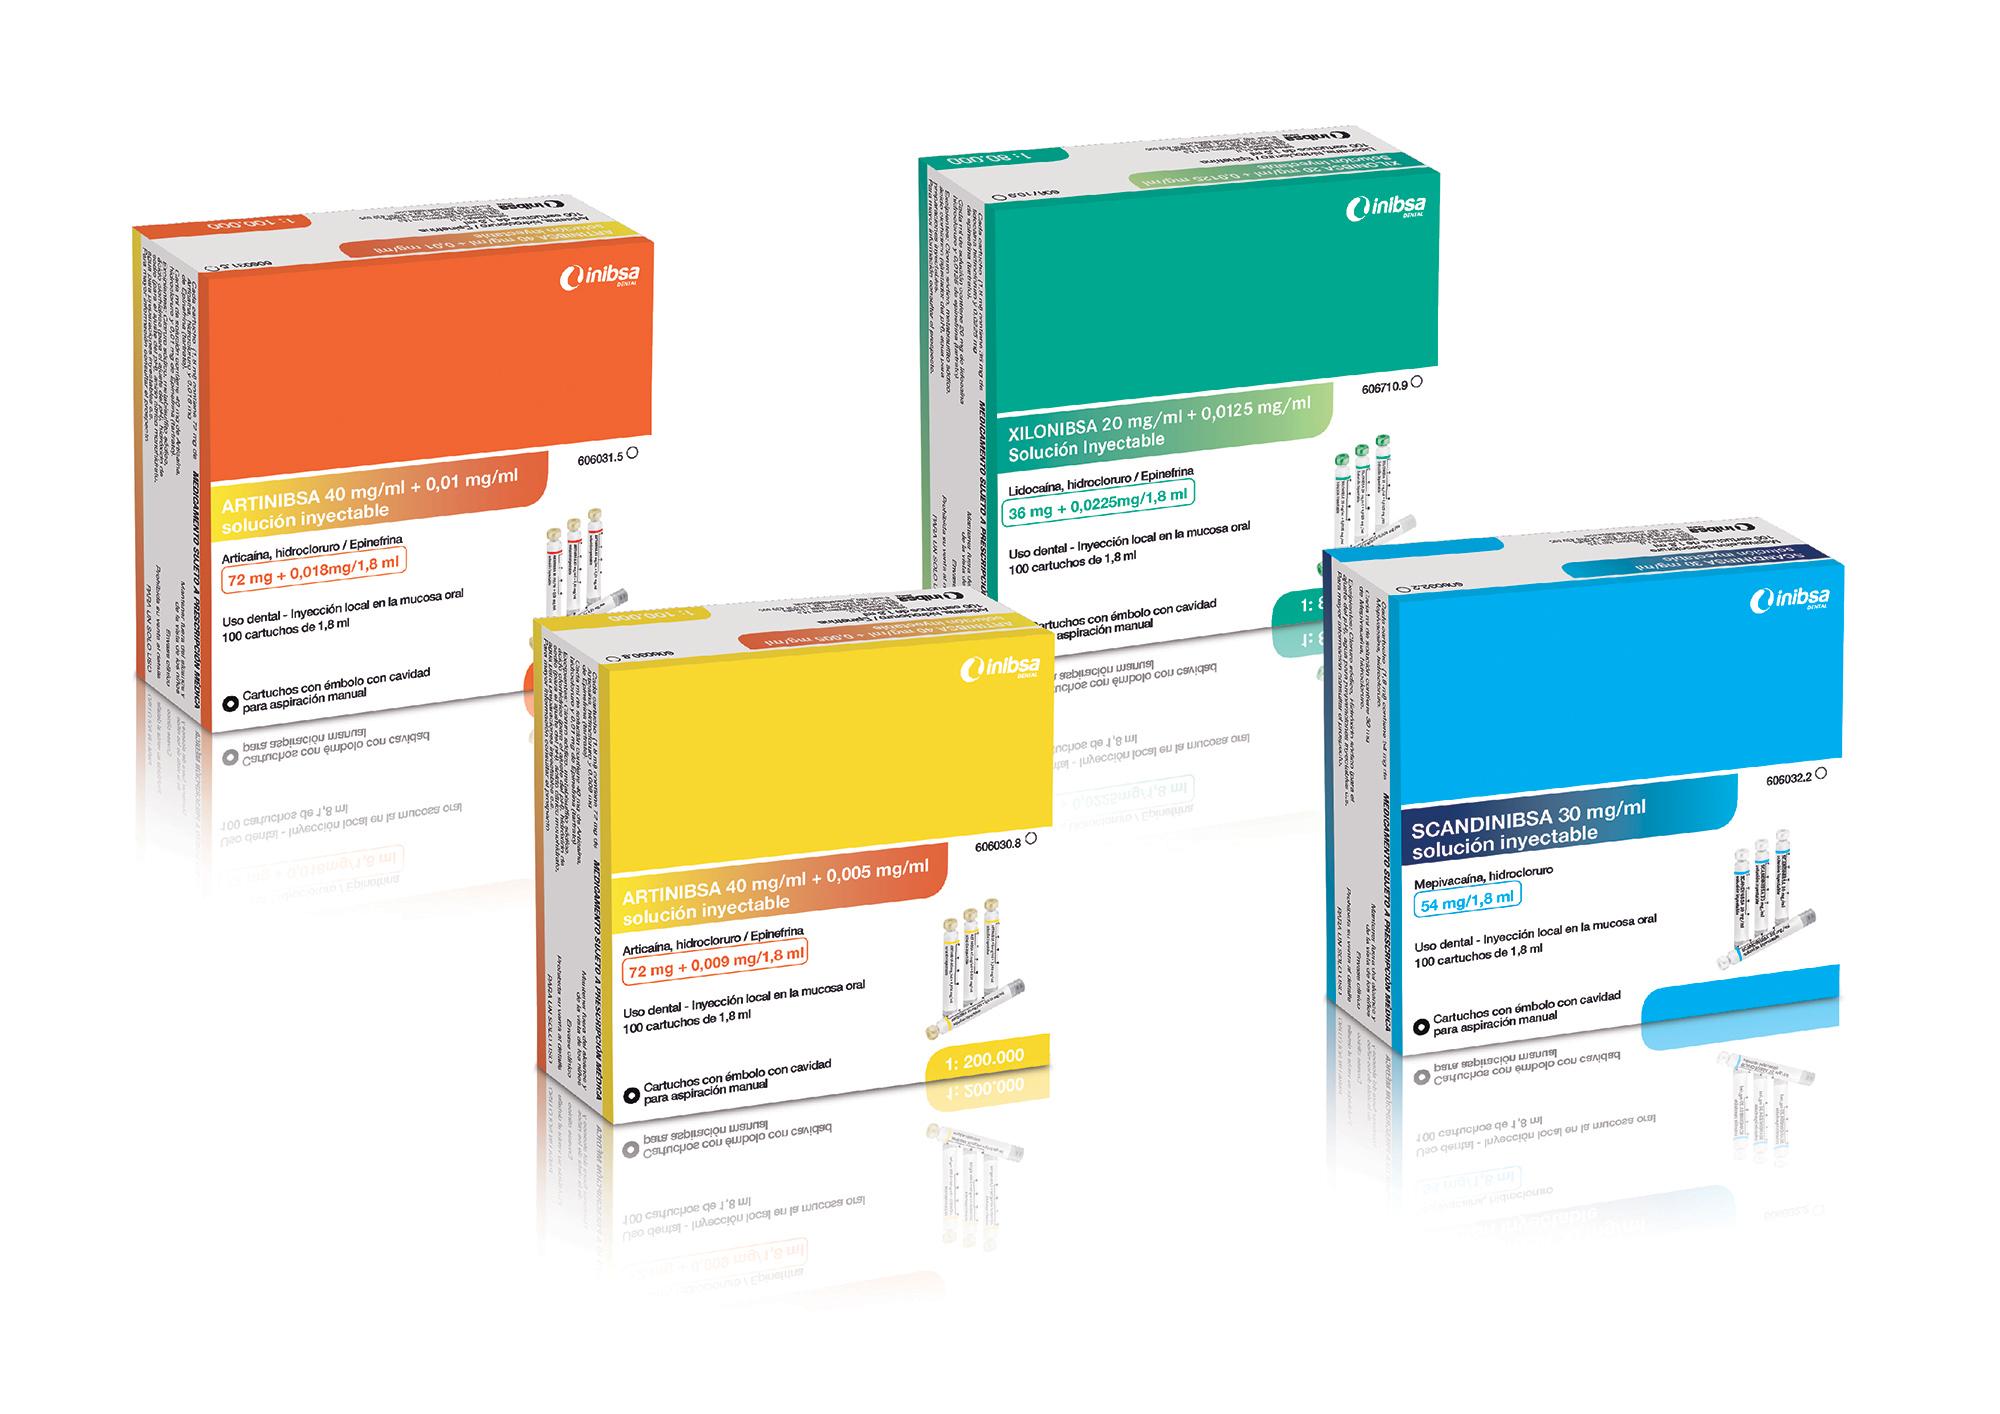 Presentem un nou packaging per a les anestèsies que facilita el seu ús i evita la contaminació